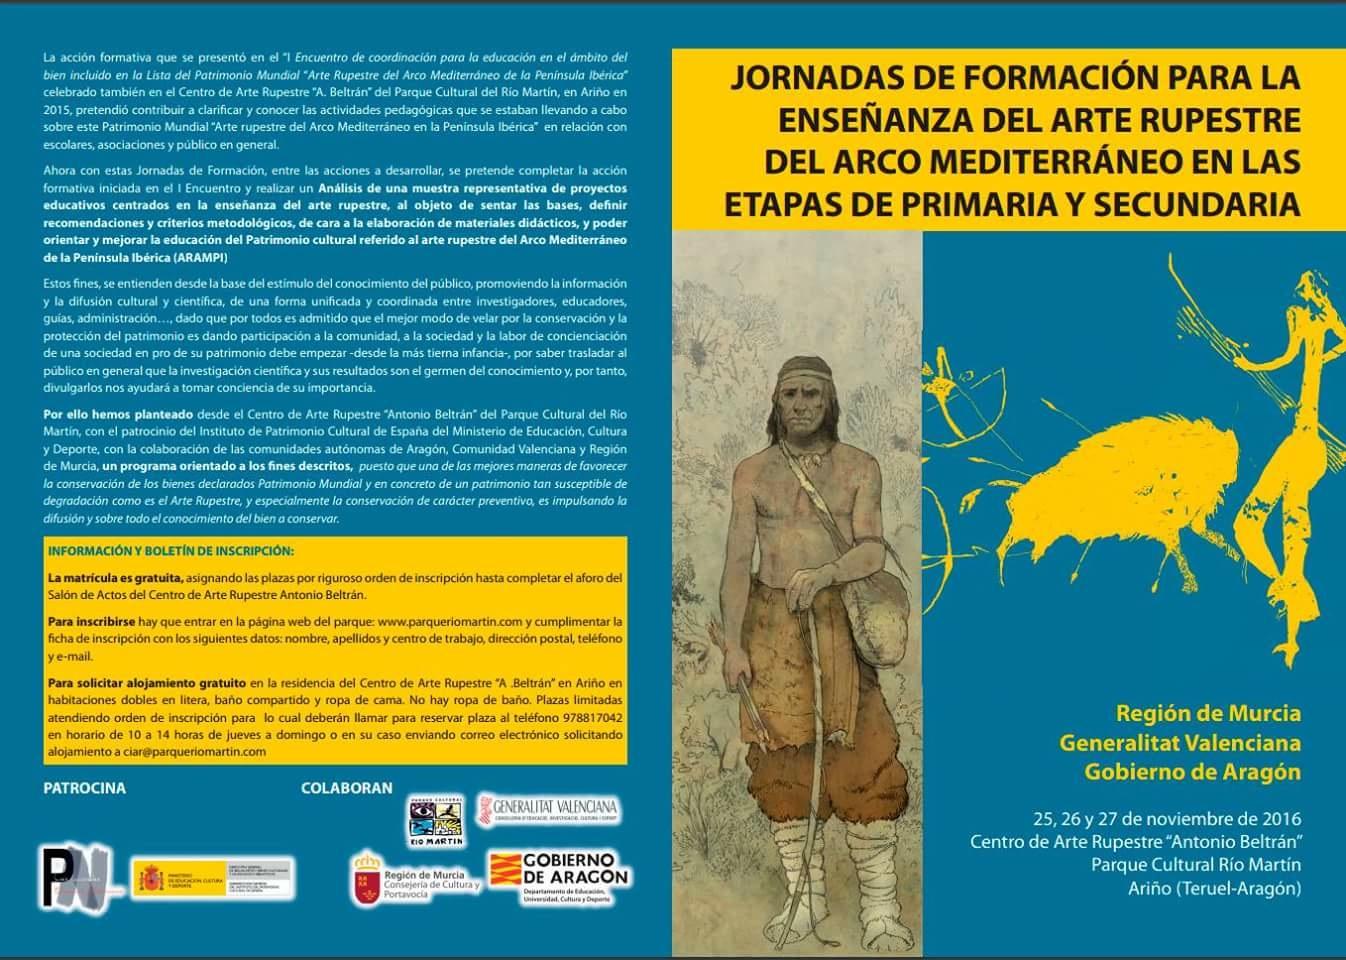 Cartel de las Jornadas de Formación para la Enseñanza del Arte Rupestre del Arco Mediterráneo en Primaria y Secundaria